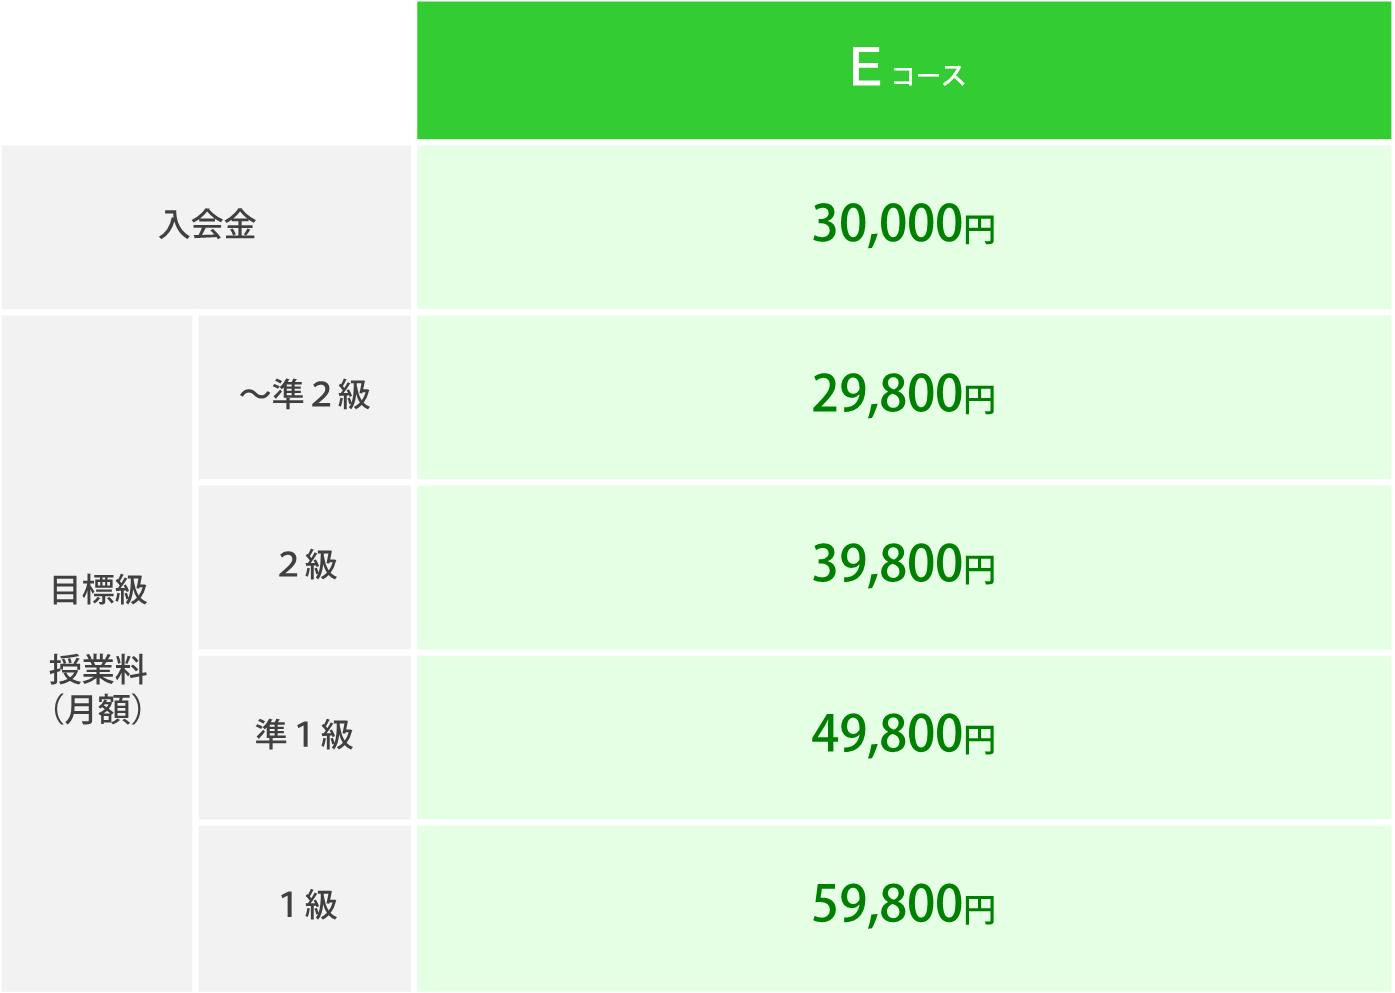 Eコース授業料